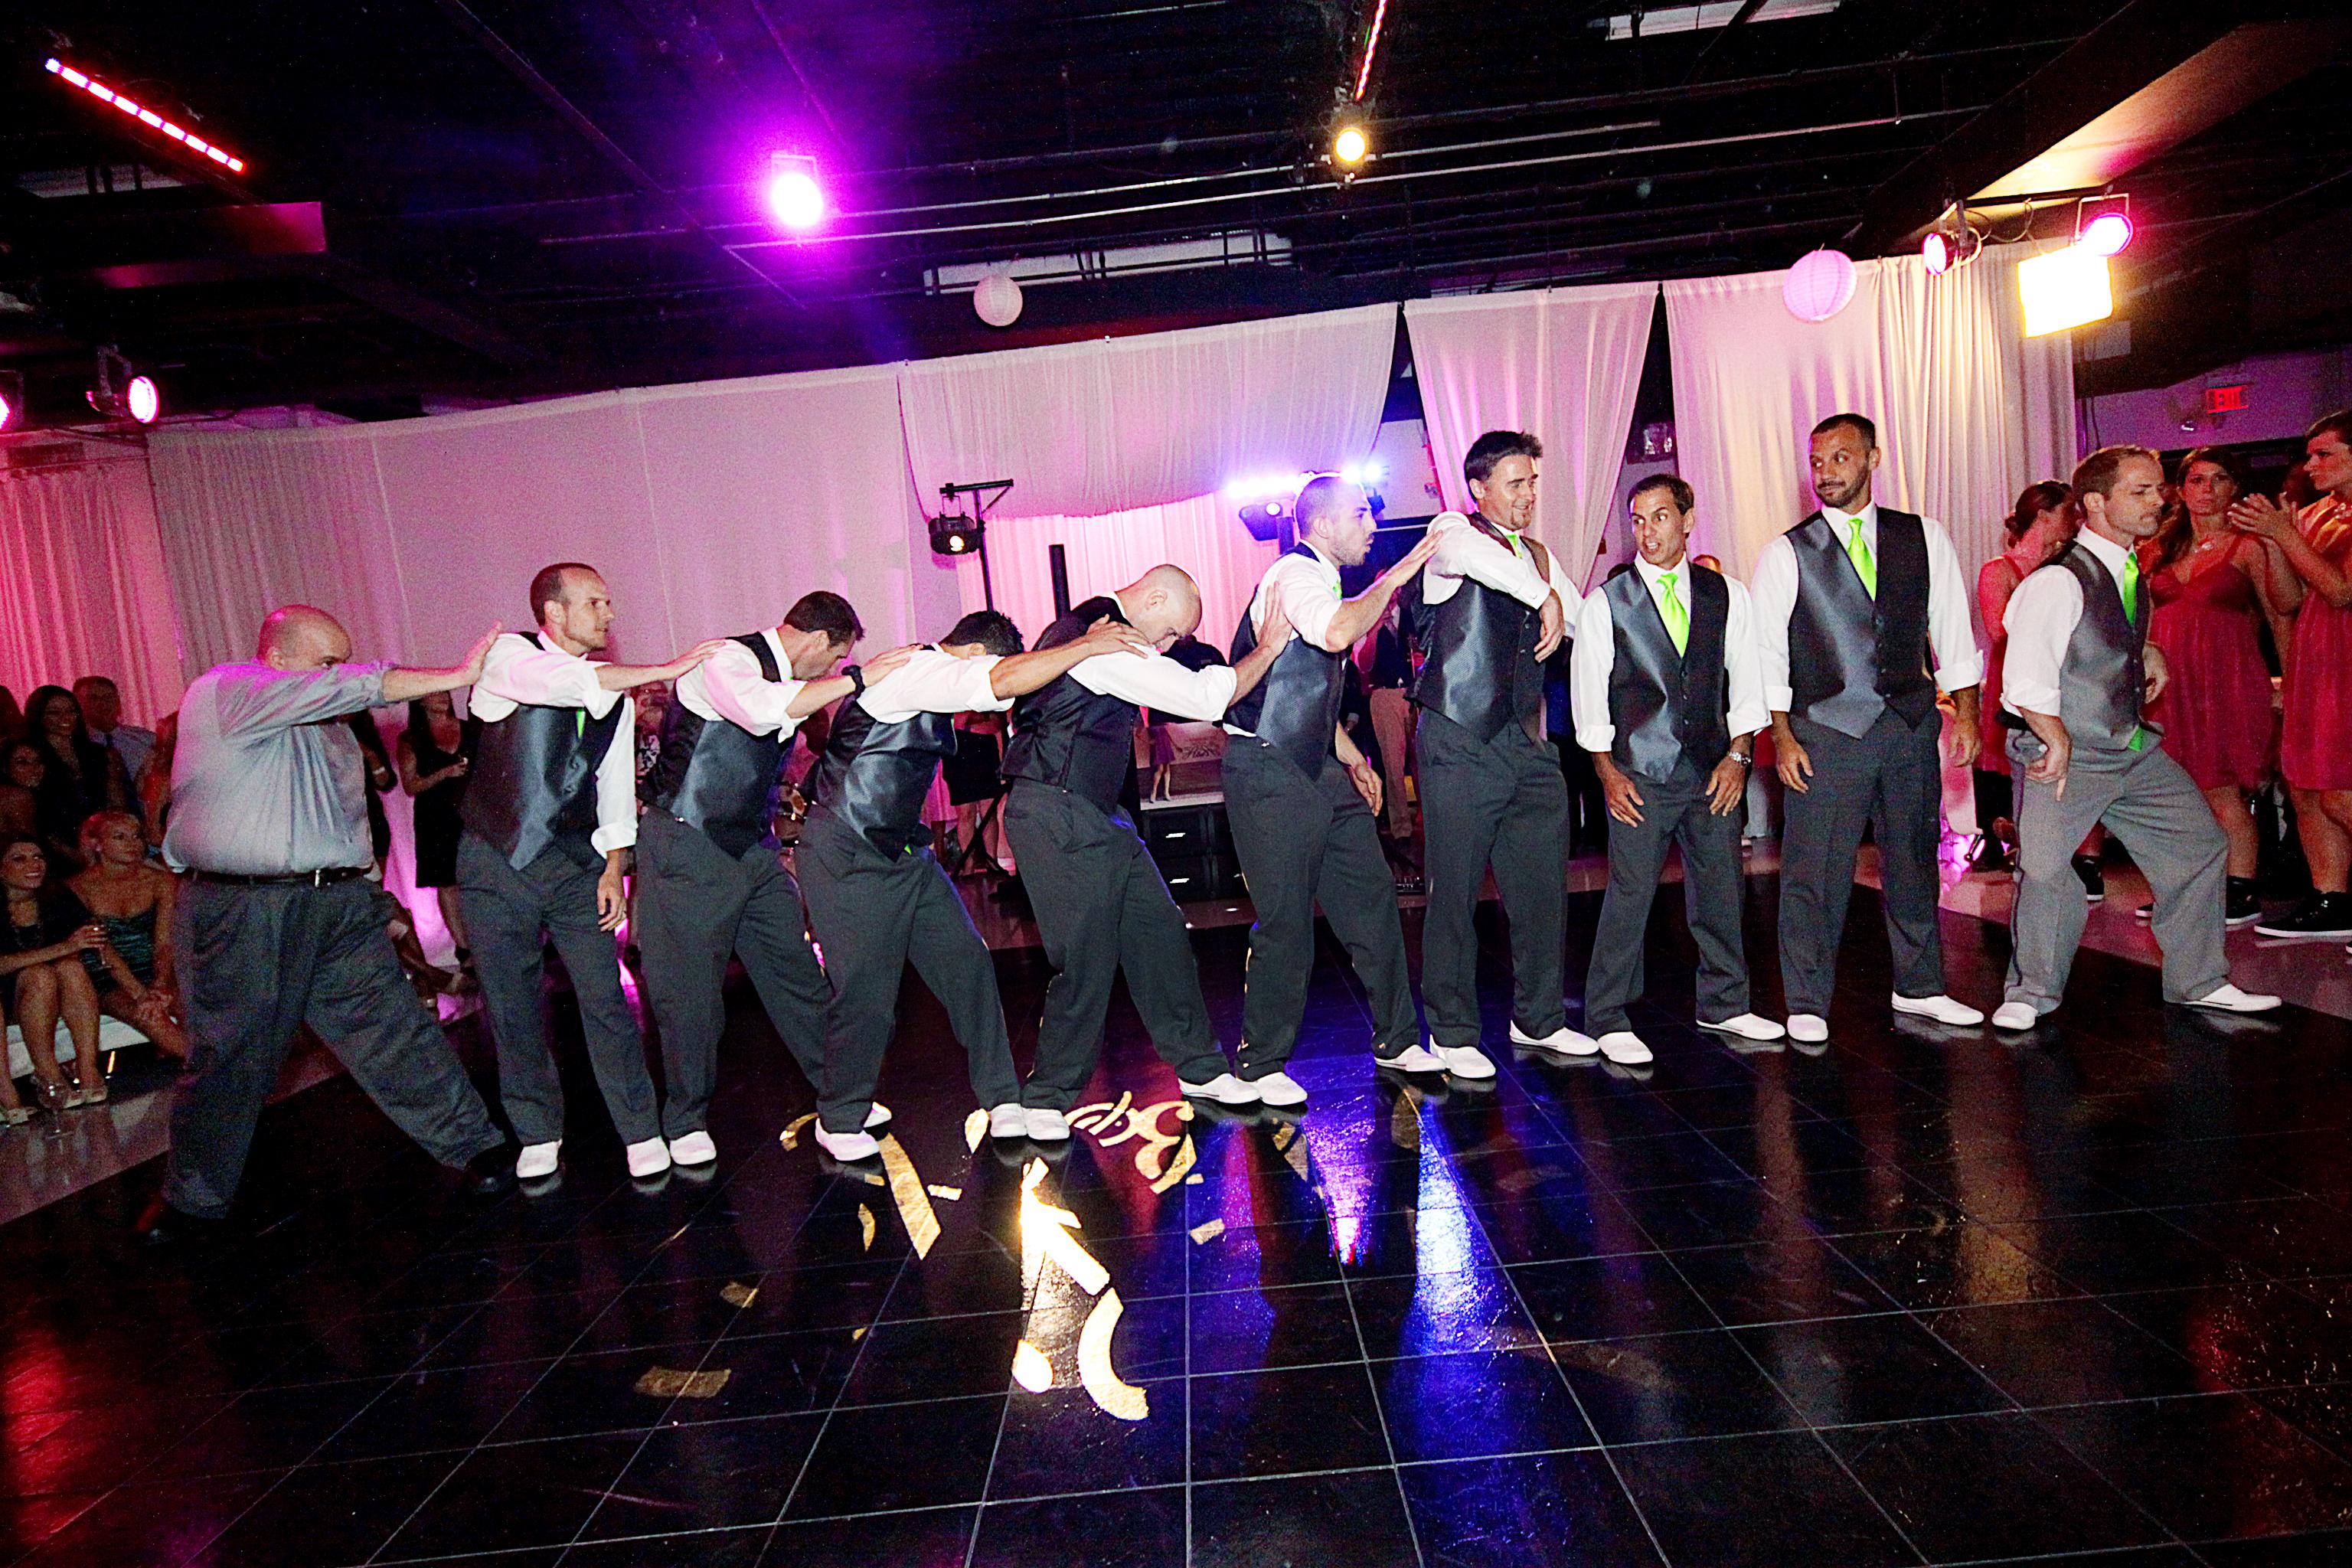 Groomsmen surprise wedding dance